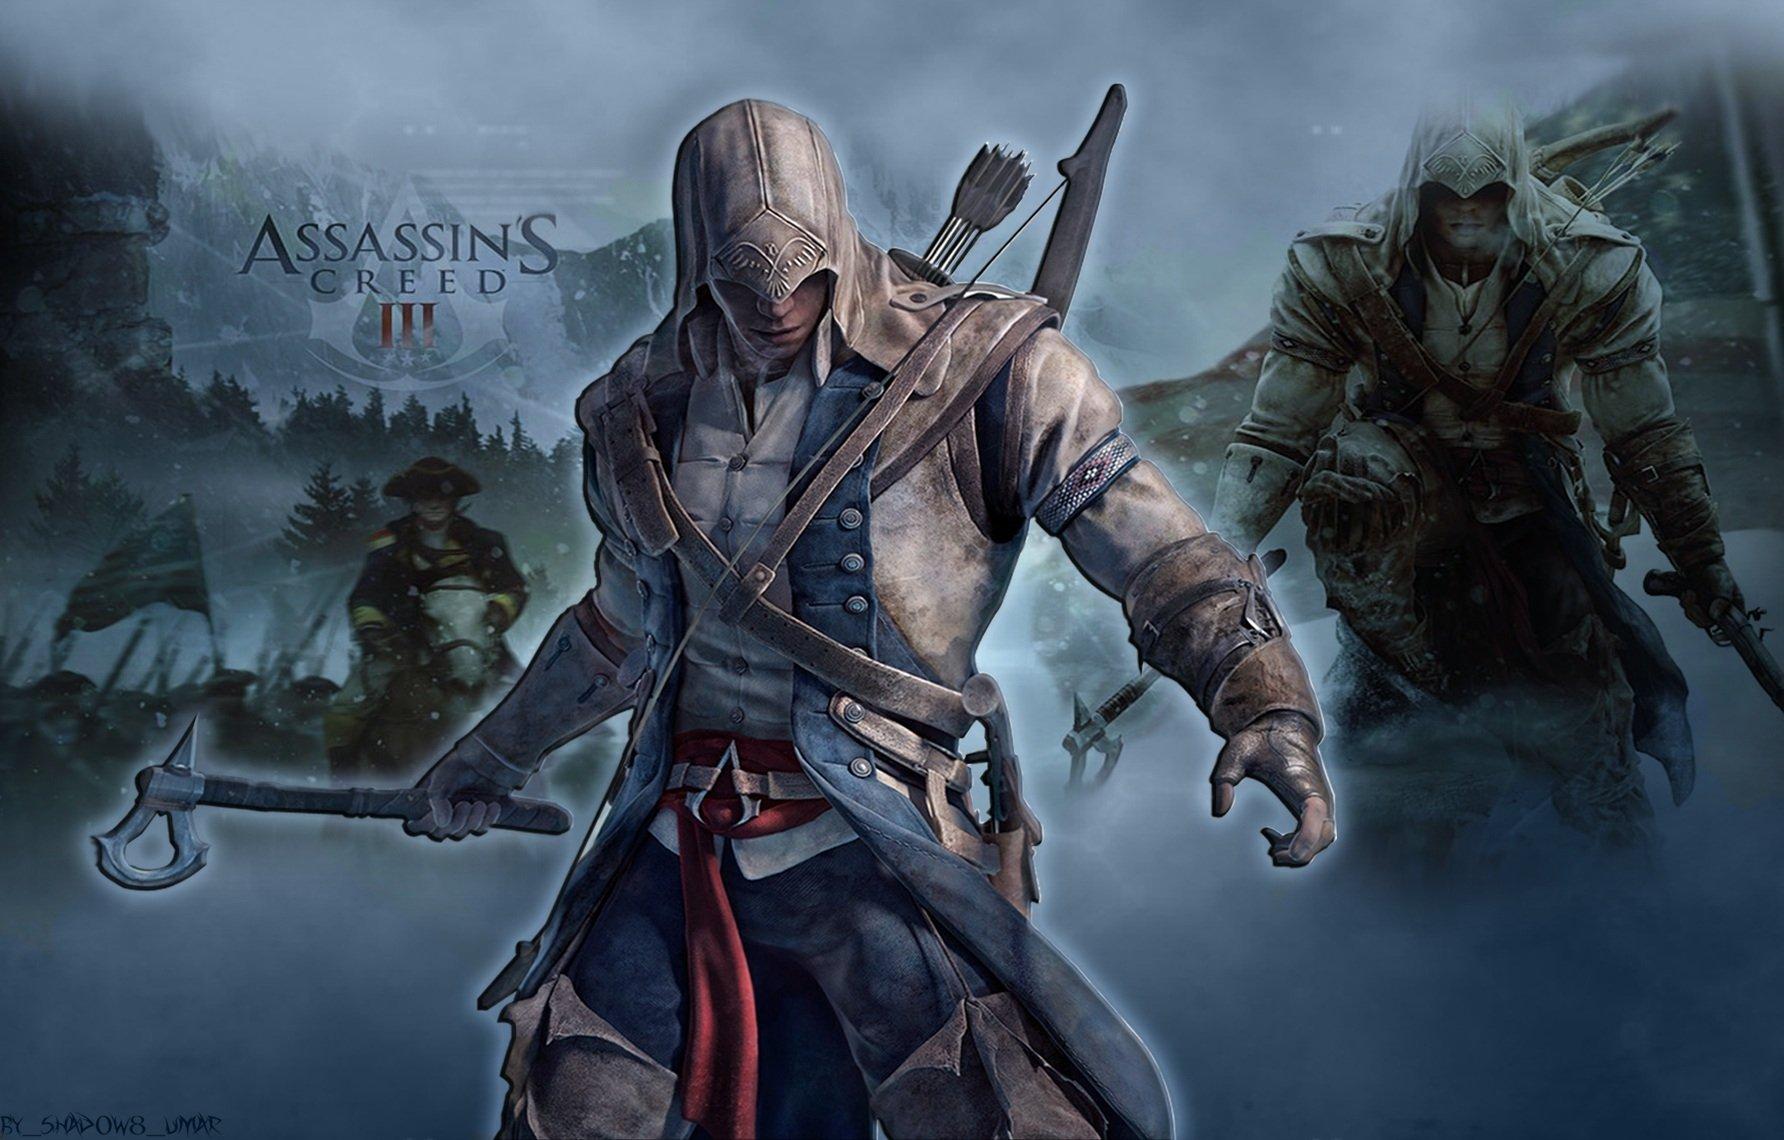 Zelda Botw Wallpaper Iphone X Assassin S Creed Iii Wallpaper And Background Image